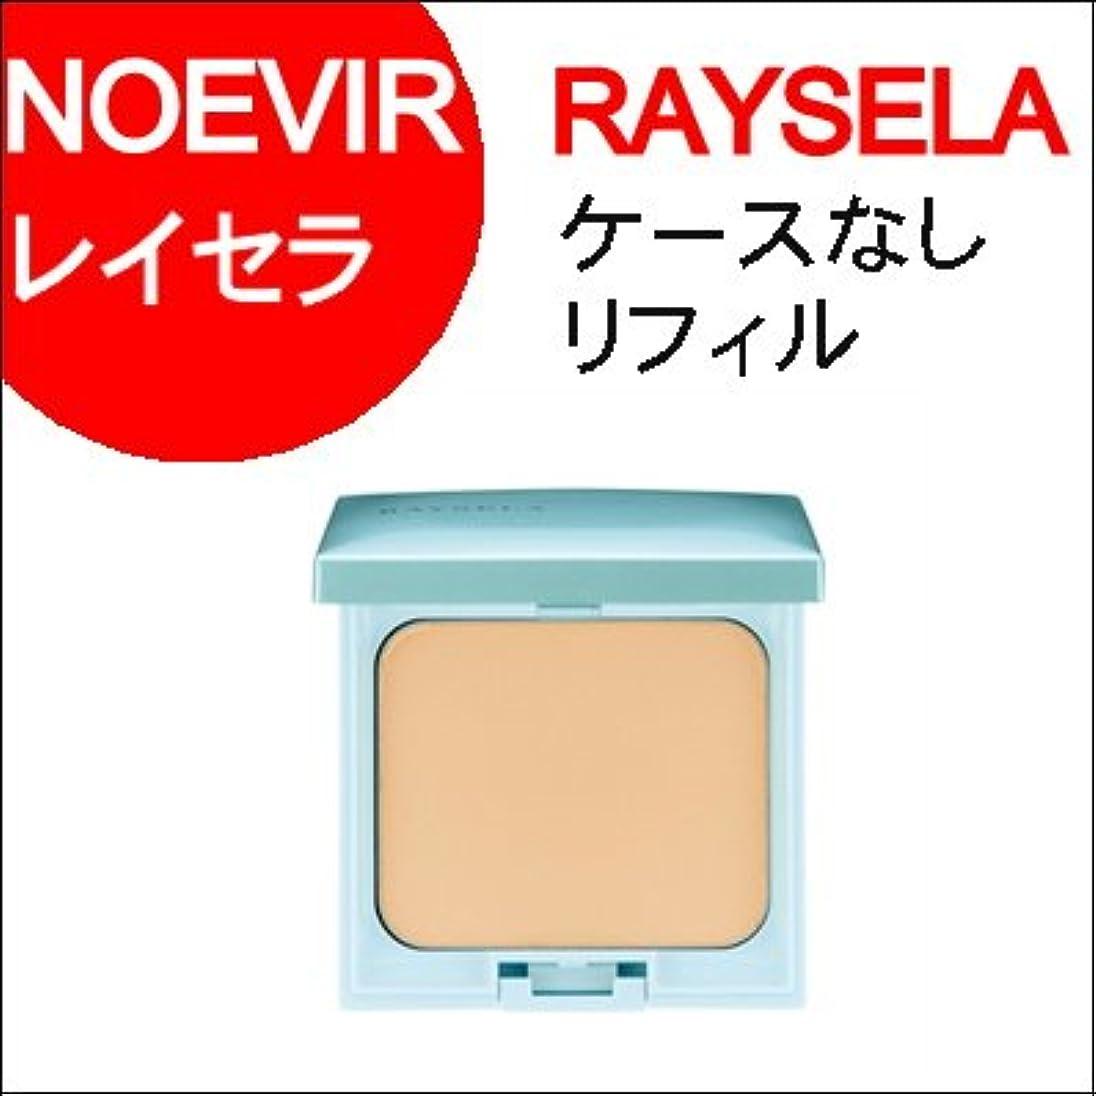 リレー小麦粉ファッションノエビア レイセラ プロテクターUVフェイスパウダーリフィール(ケースは別売です。 ) [並行輸入品]